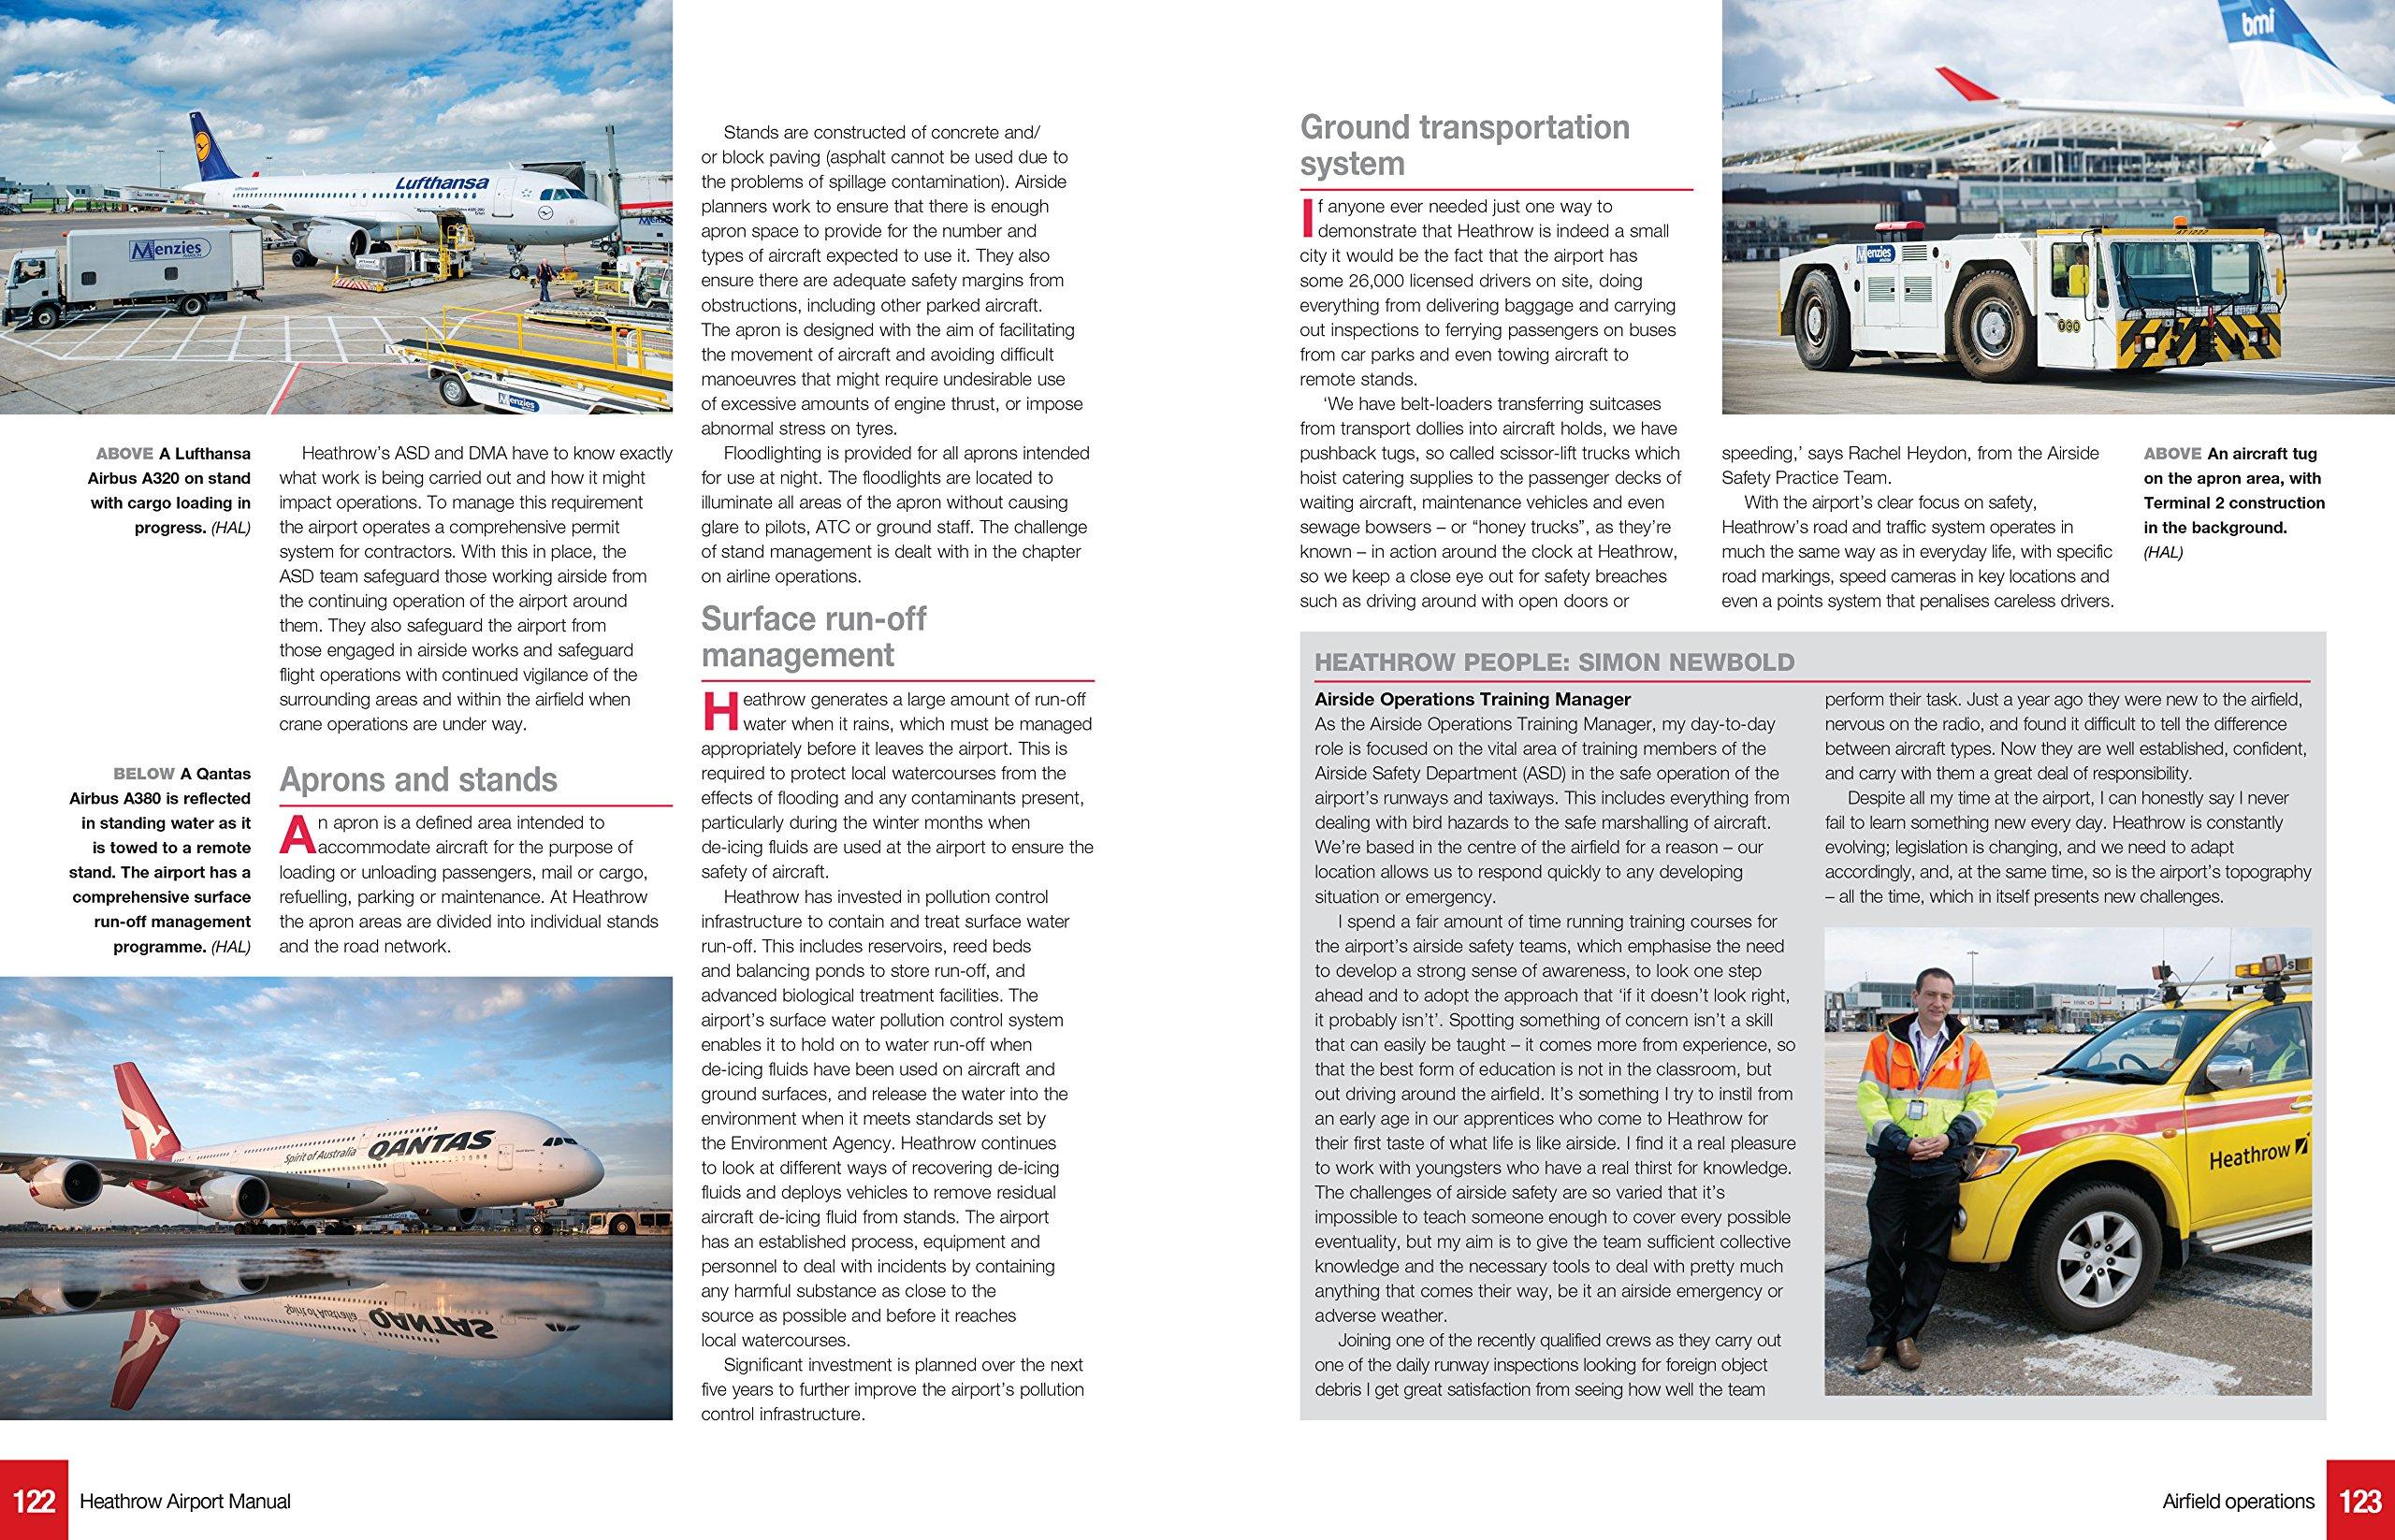 Heathrow airport manual 1929 onwards haynes operational manual heathrow airport manual 1929 onwards haynes operational manual robert wicks 9780857338433 amazon books fandeluxe Images